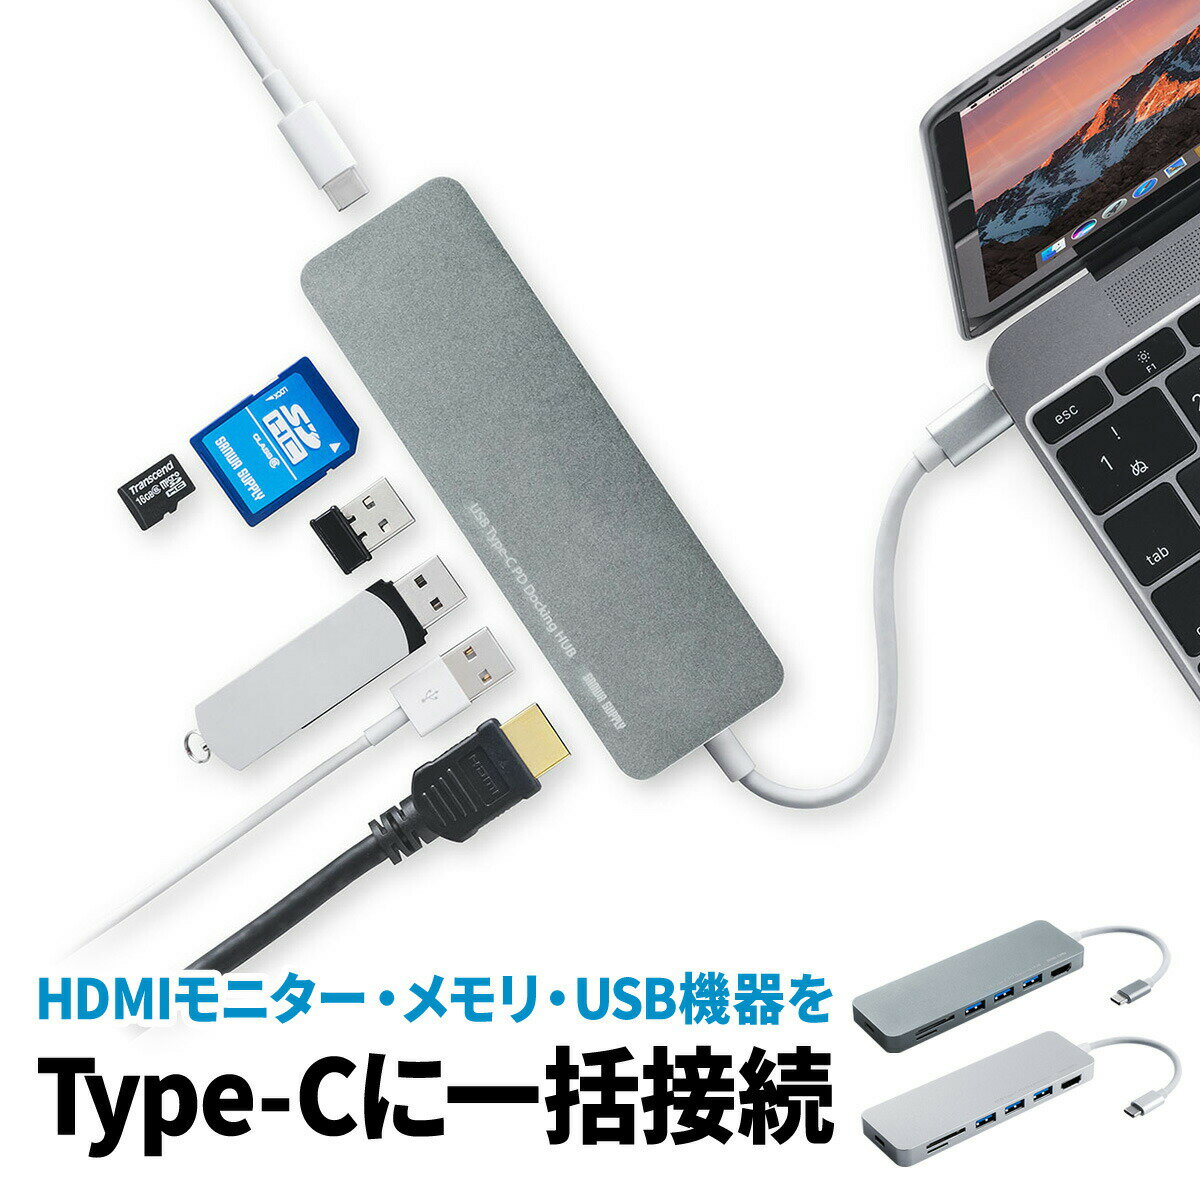 USB Type-Cハブ Type Cハブ USB-C HDMI出力 MacBook/Windows対応 充電対応 USB3.0ハブ 3ポート・SD/microSDカードリーダー付き マックブック USBハブ[400-HUB056]【サンワダイレクト限定品】【送料無料】